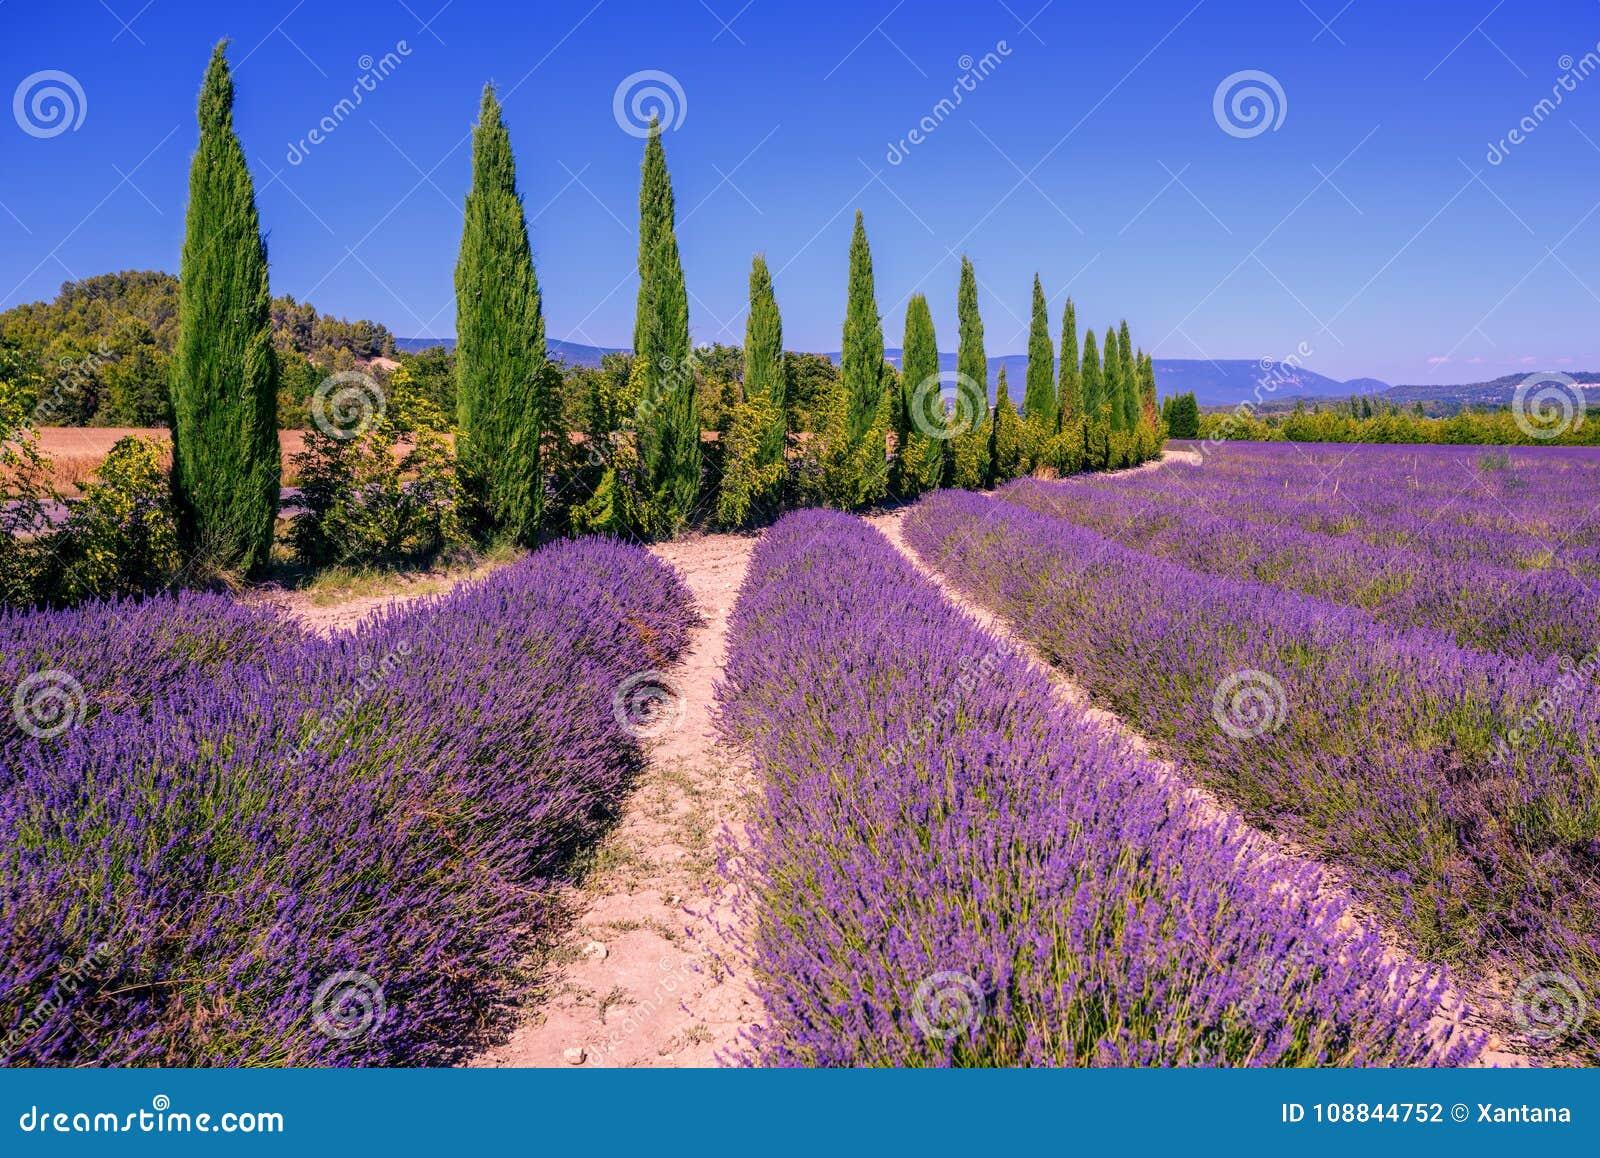 Campos de la lavanda y árboles de ciprés en Provence, Francia